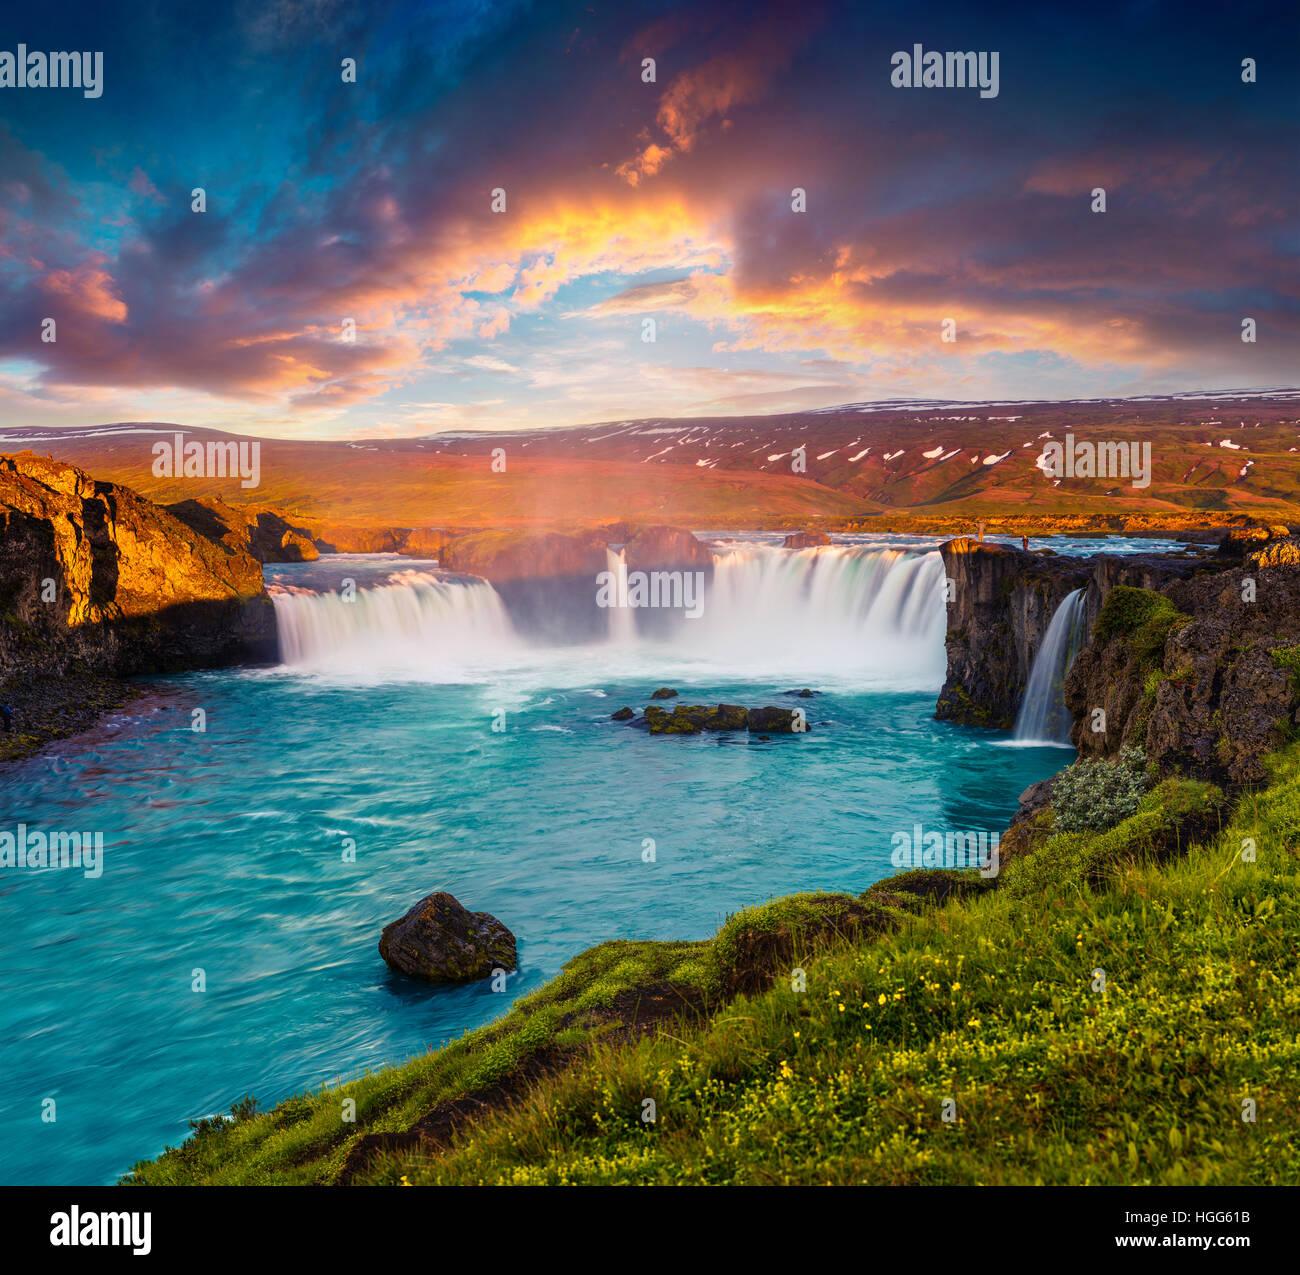 Summer morning scene on the Godafoss Waterfall. Colorful sunrise on the on Skjalfandafljot river, Iceland, Europe. - Stock Image